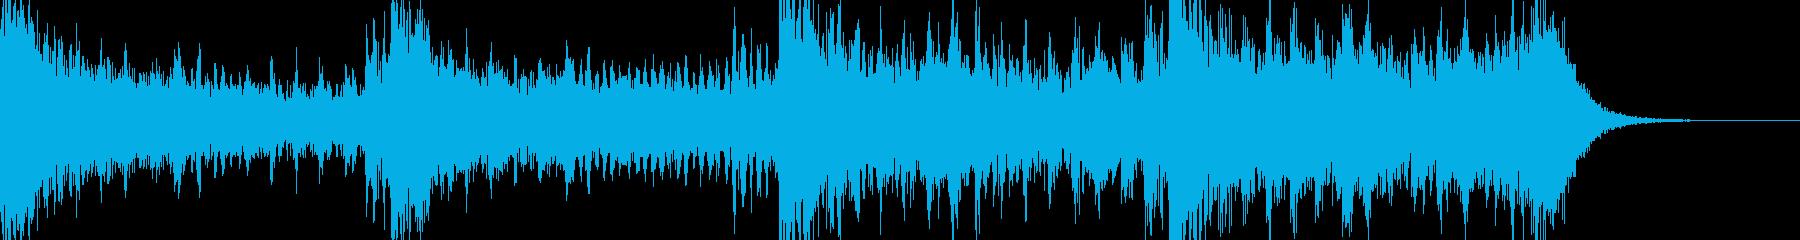 緊迫感・戦闘シーン ピアノ・ストリングスの再生済みの波形